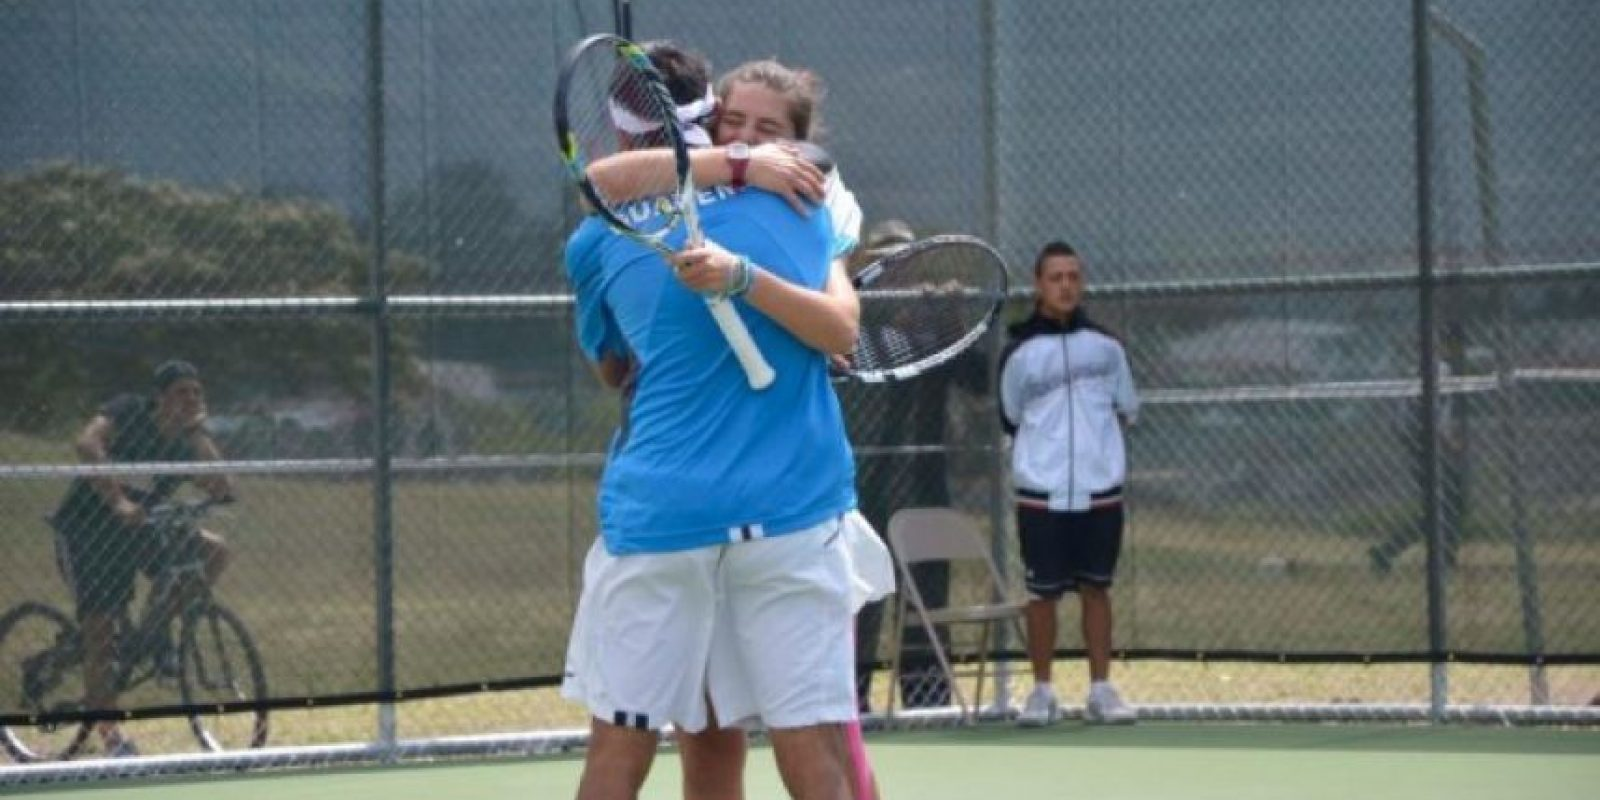 Díaz y Schippers reflejan su felicidad con un abrazo luego de ganar el último punto y conquistar el oro en dobles mixtos.